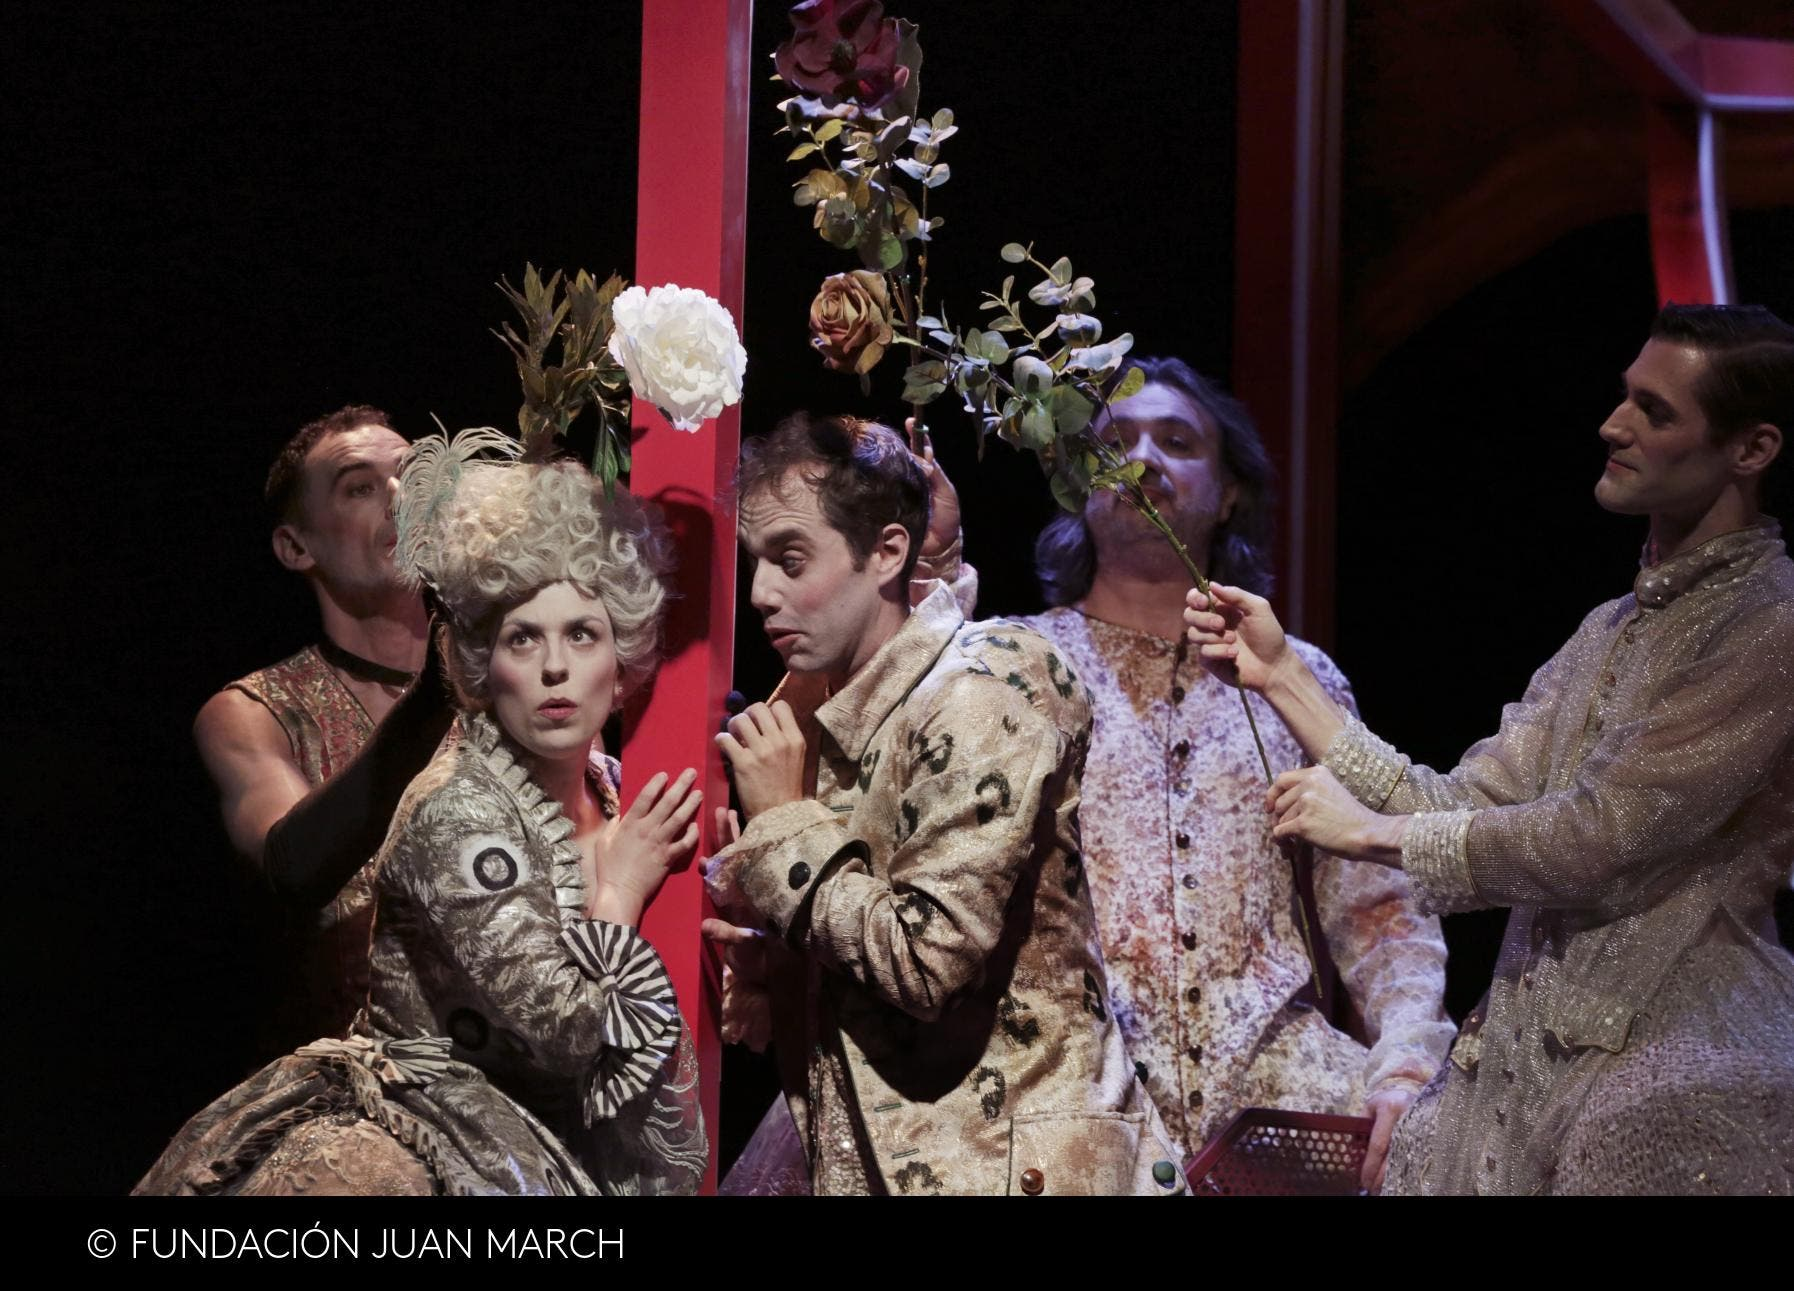 'I tre gobbi', tres gibosos y un compositor llamado Manuel García